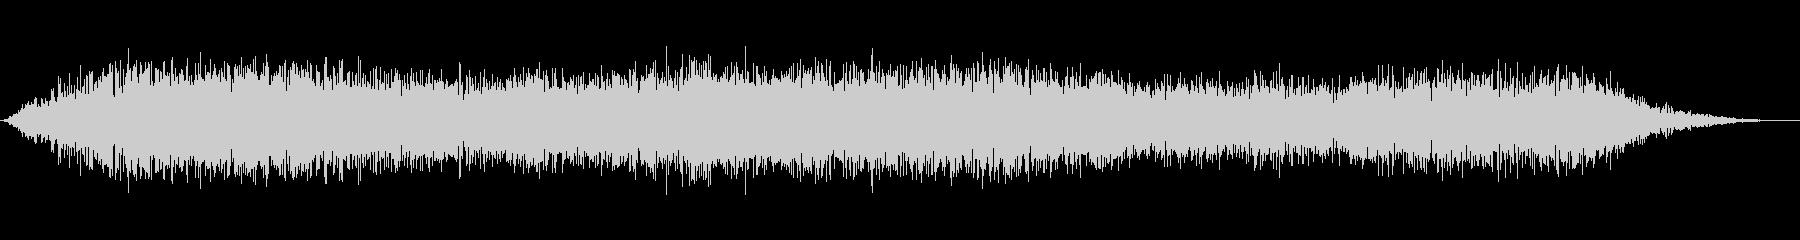 ダークディスタント・グラミングの未再生の波形